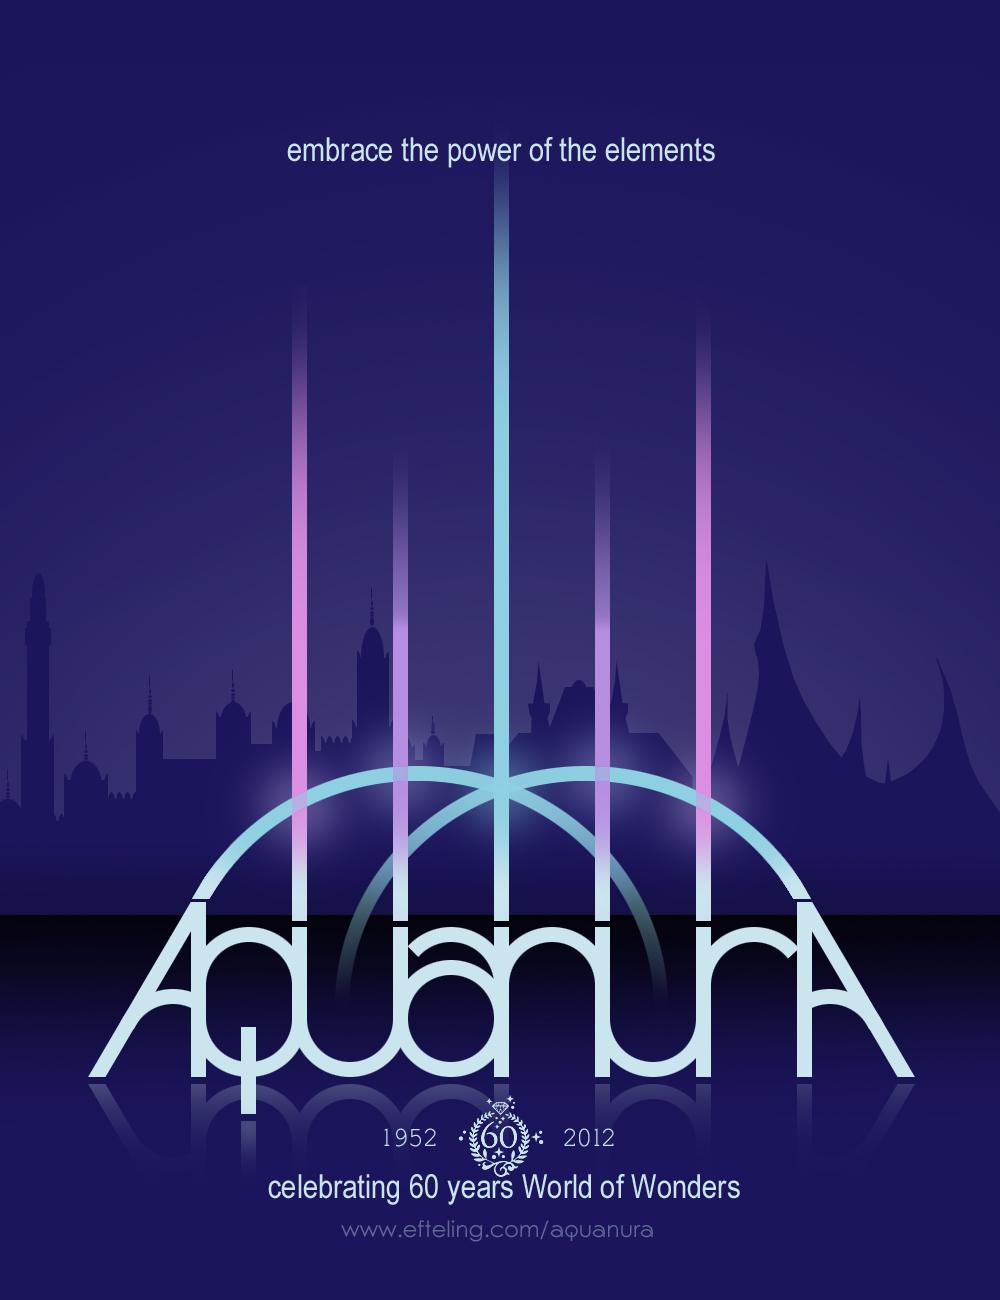 Aquanura